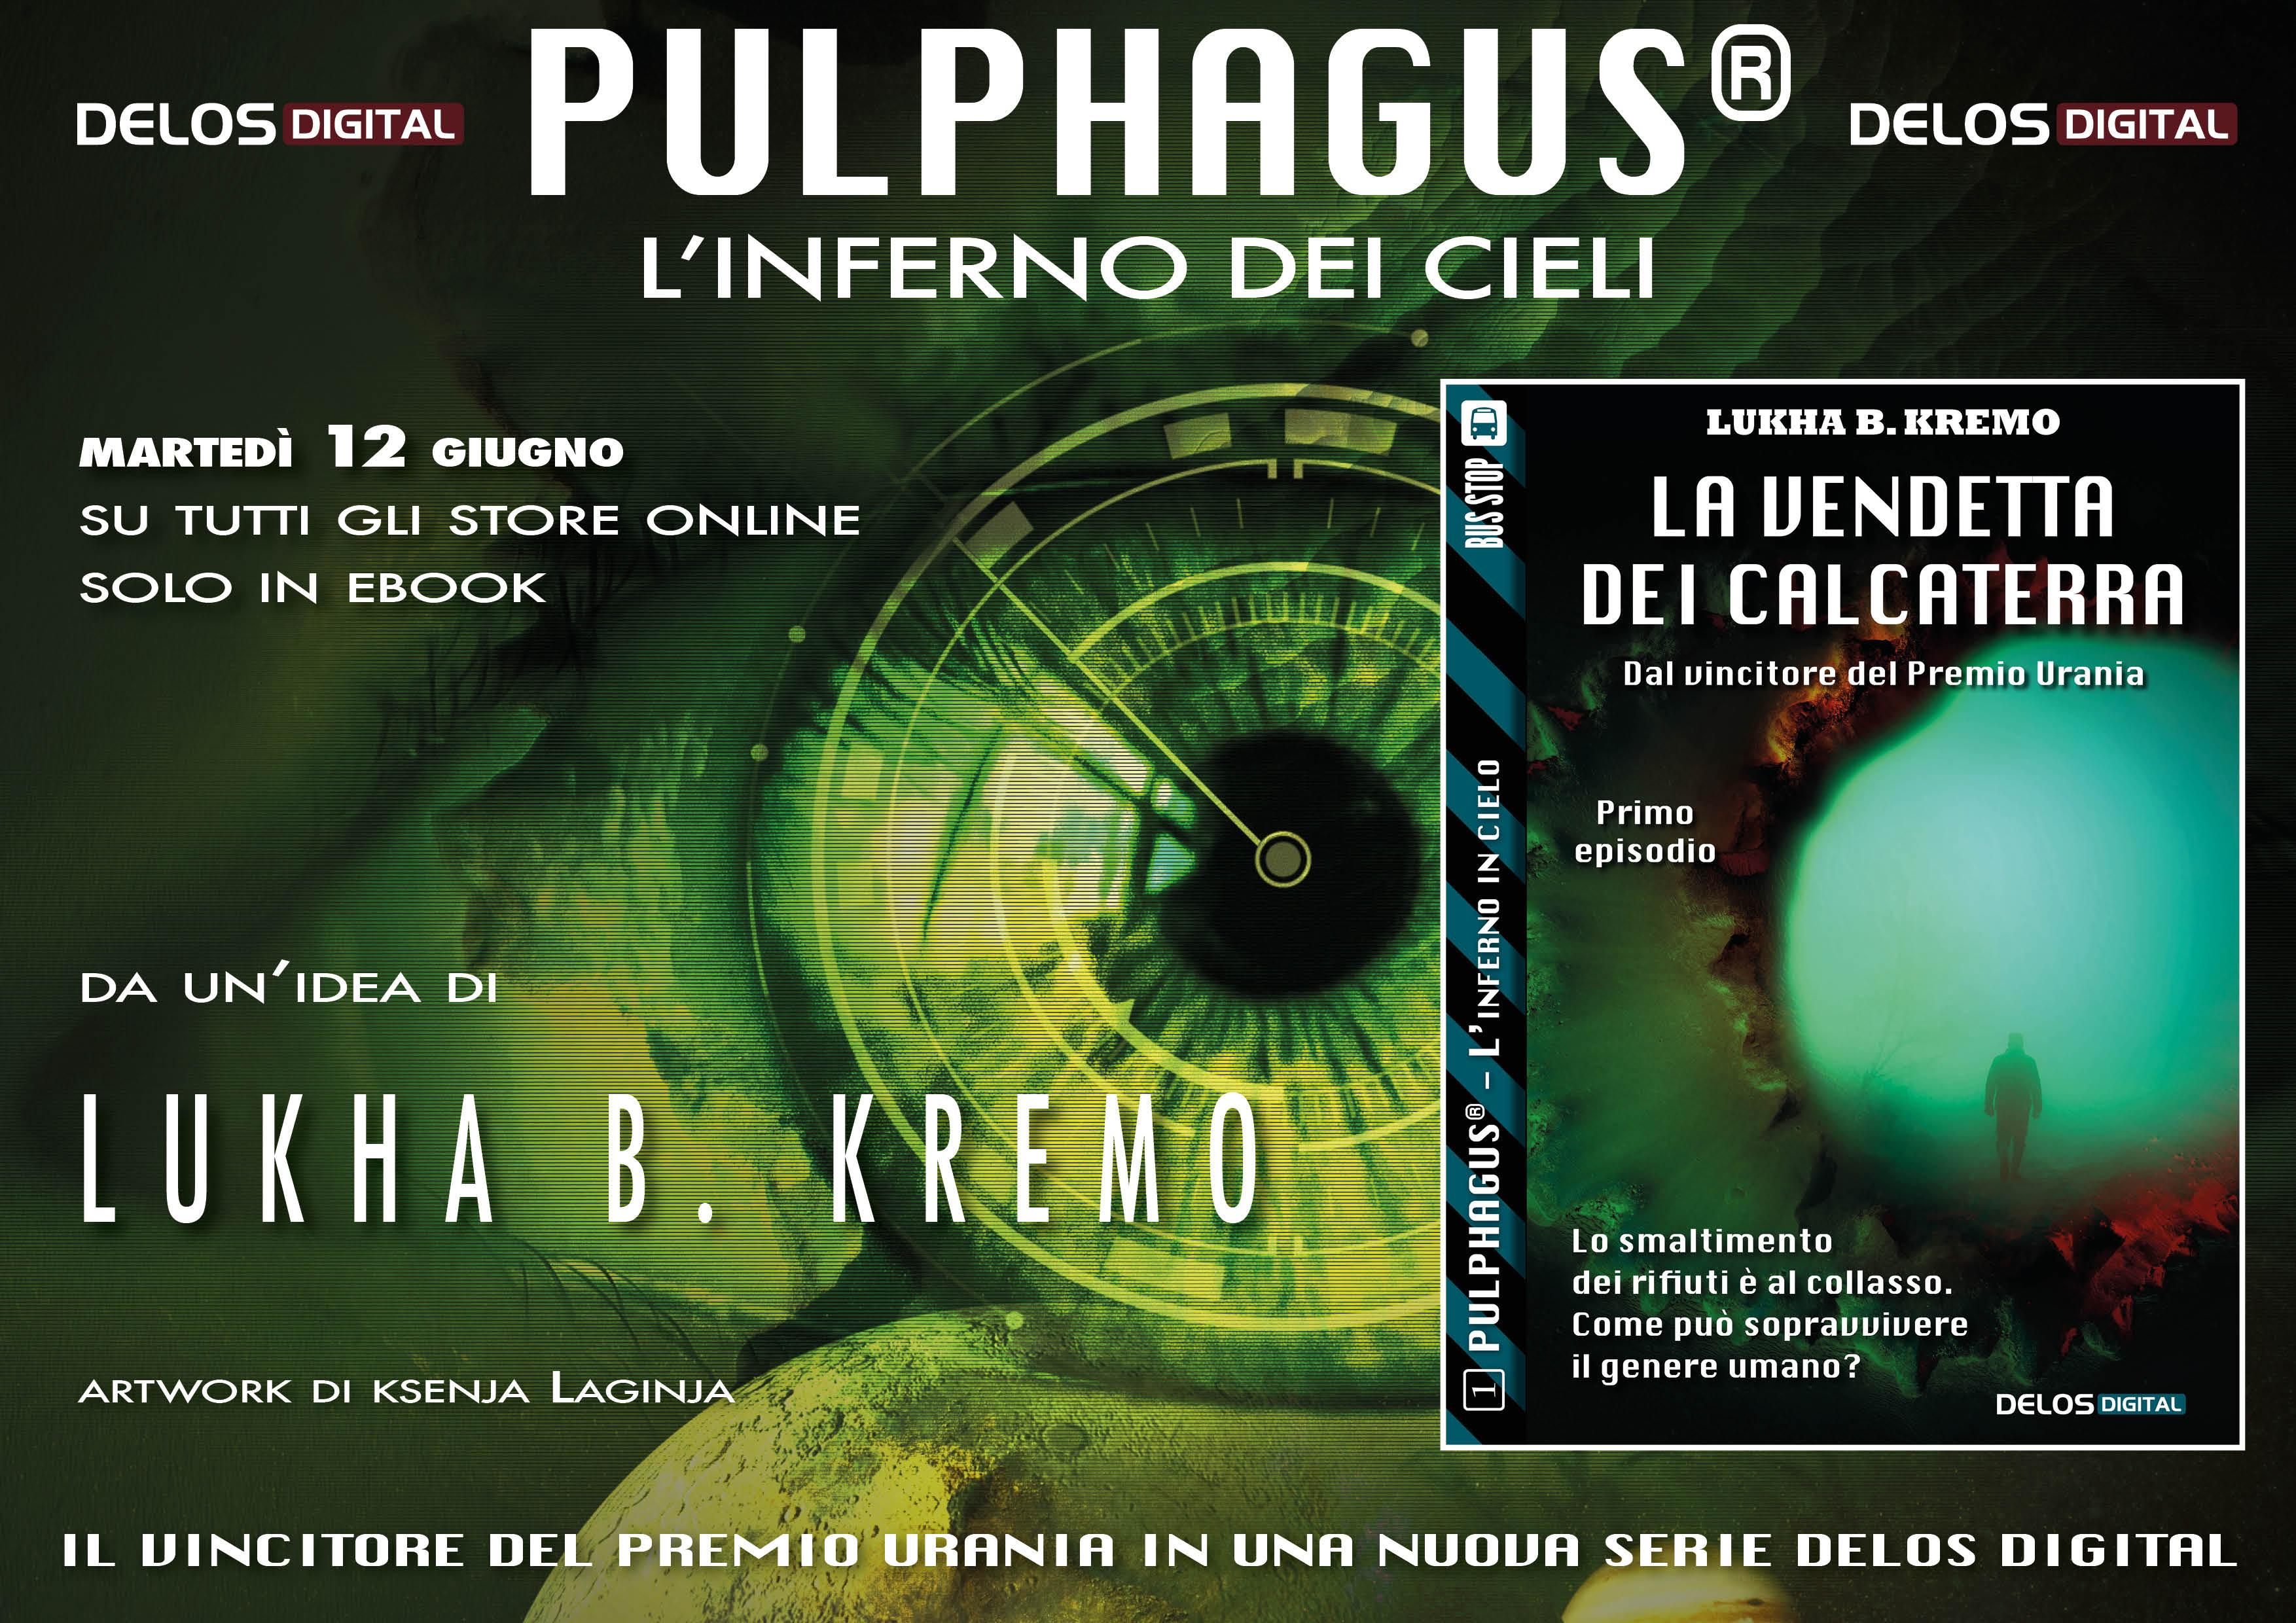 PULPHAGUS